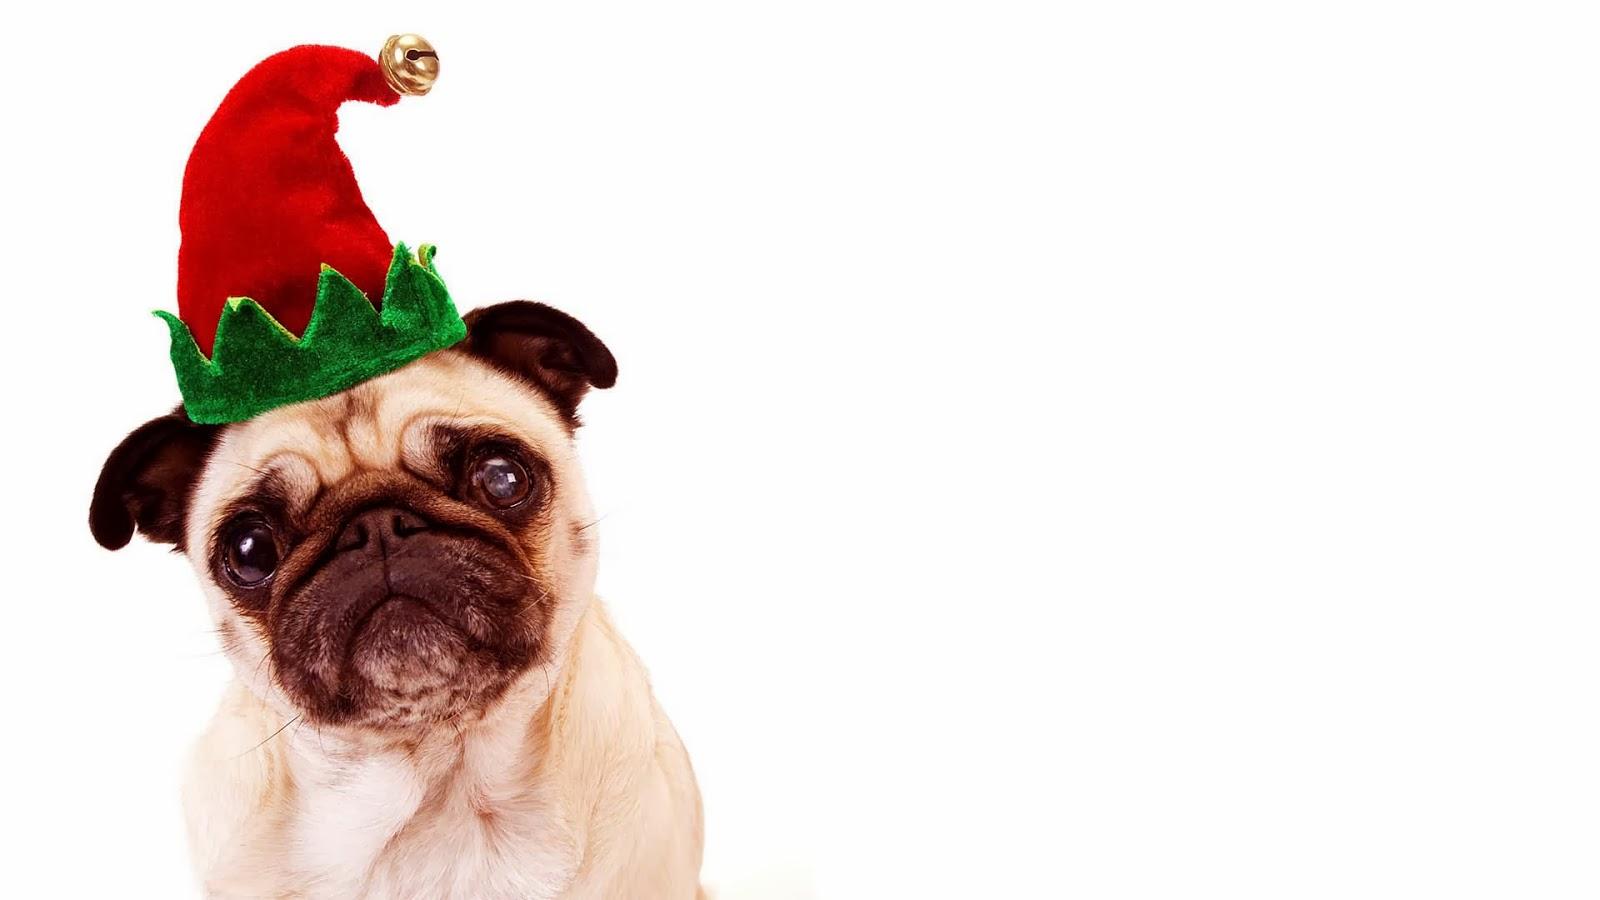 Christmas Wallpaper Pug Dog 1600x900